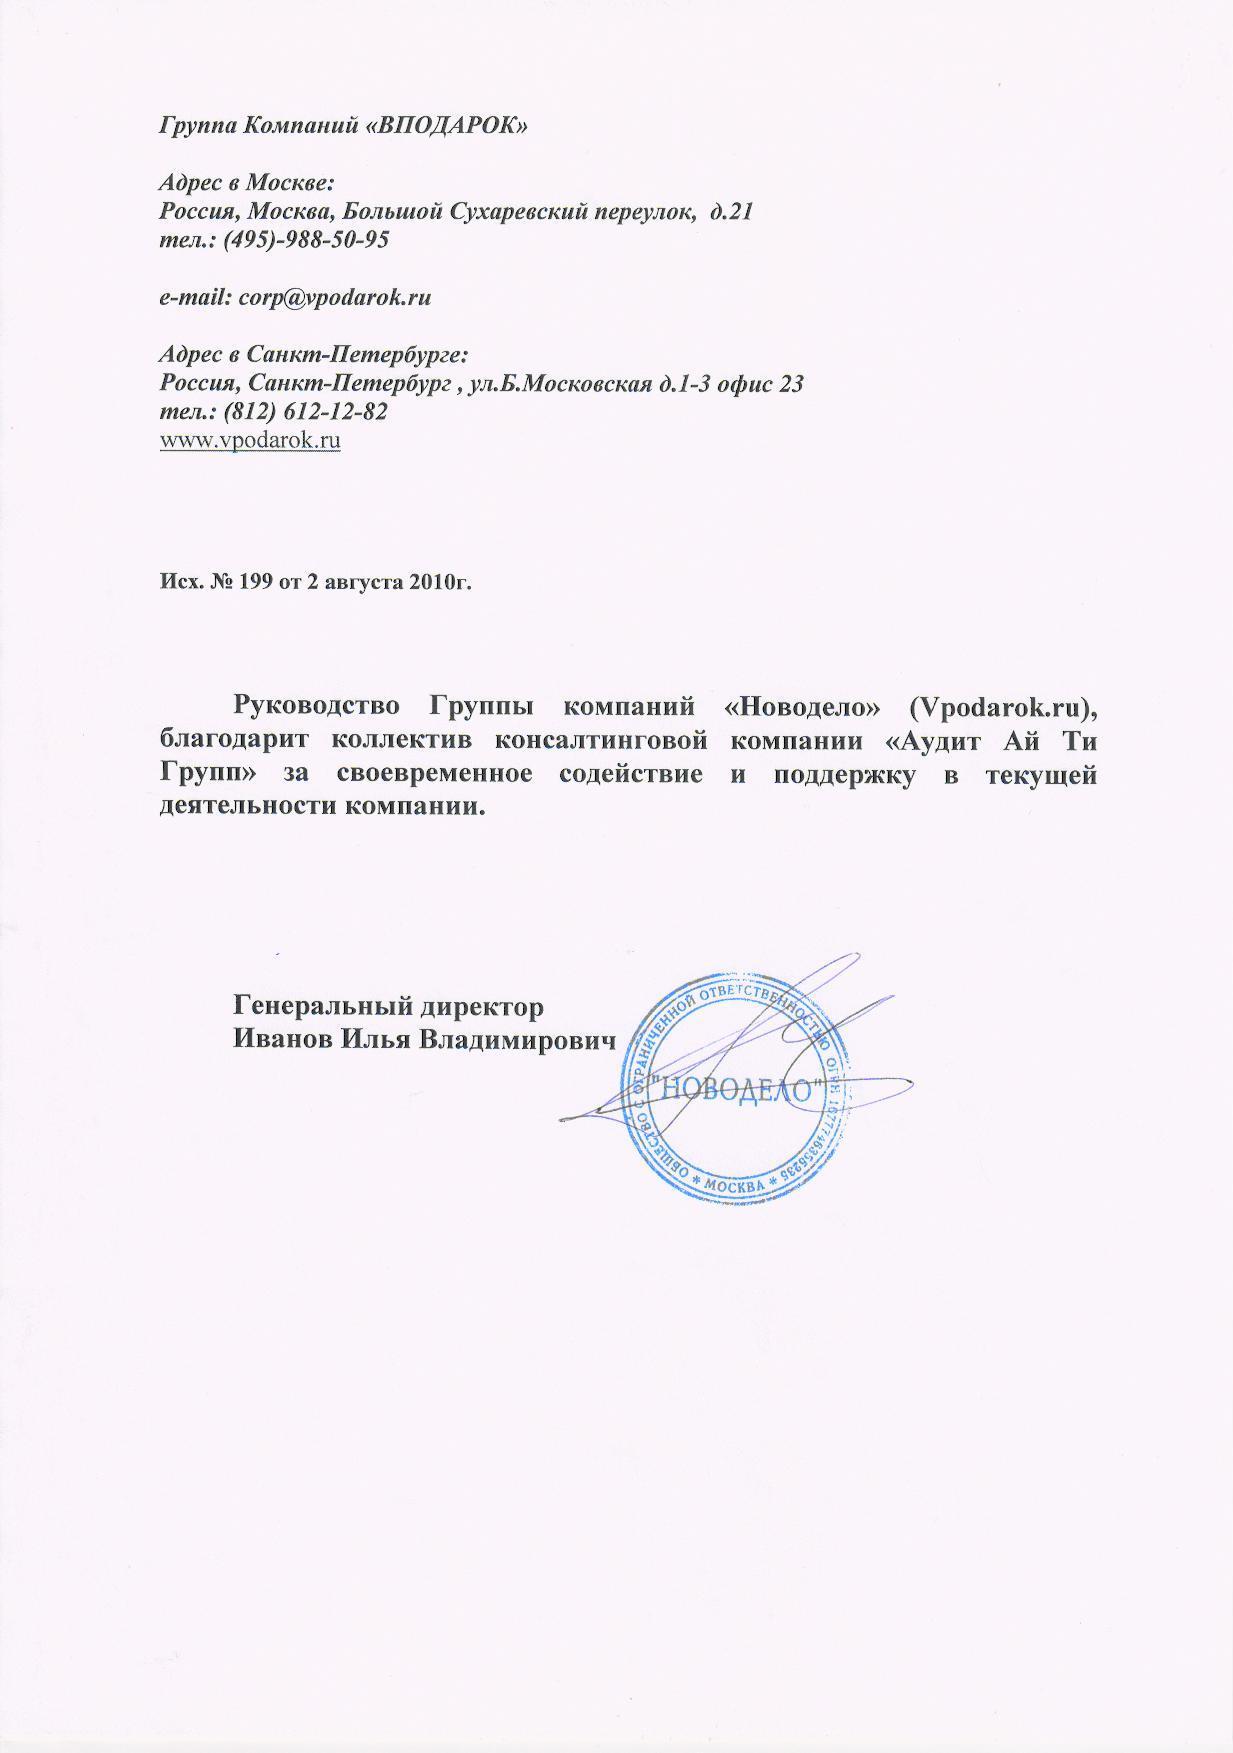 отзыв на бухгалтерское сопровождение вподарок.ру